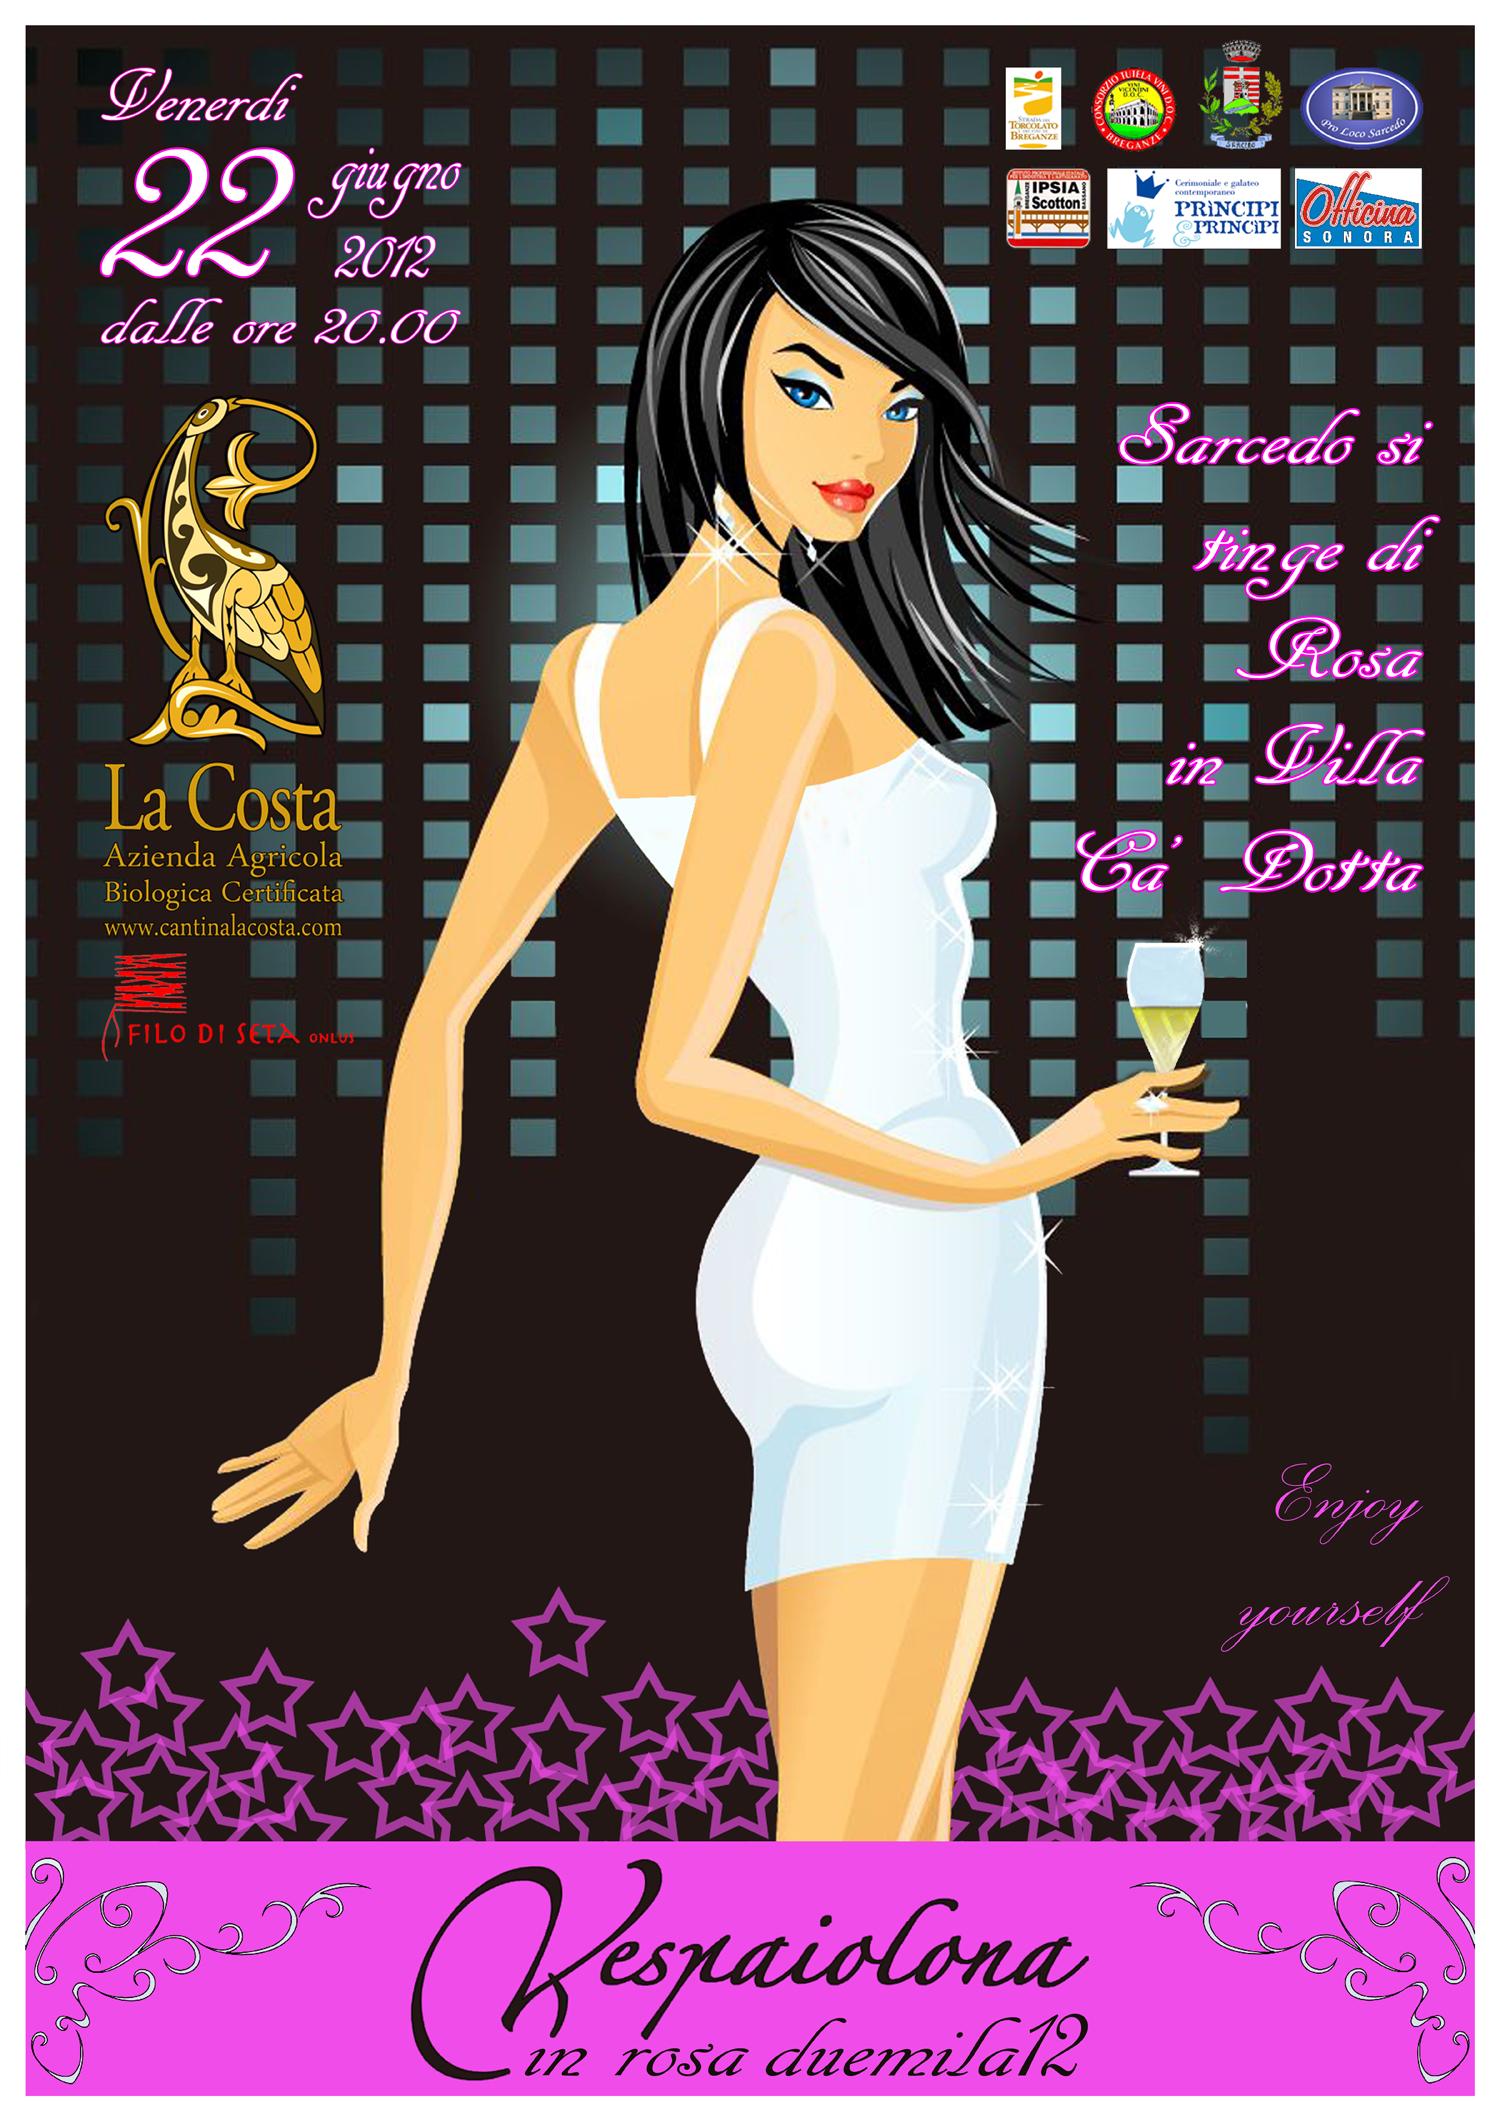 http://cantinalacosta.files.wordpress.com/2012/06/vespaiolona-in-rosa-villa-ca-dotta.jpg